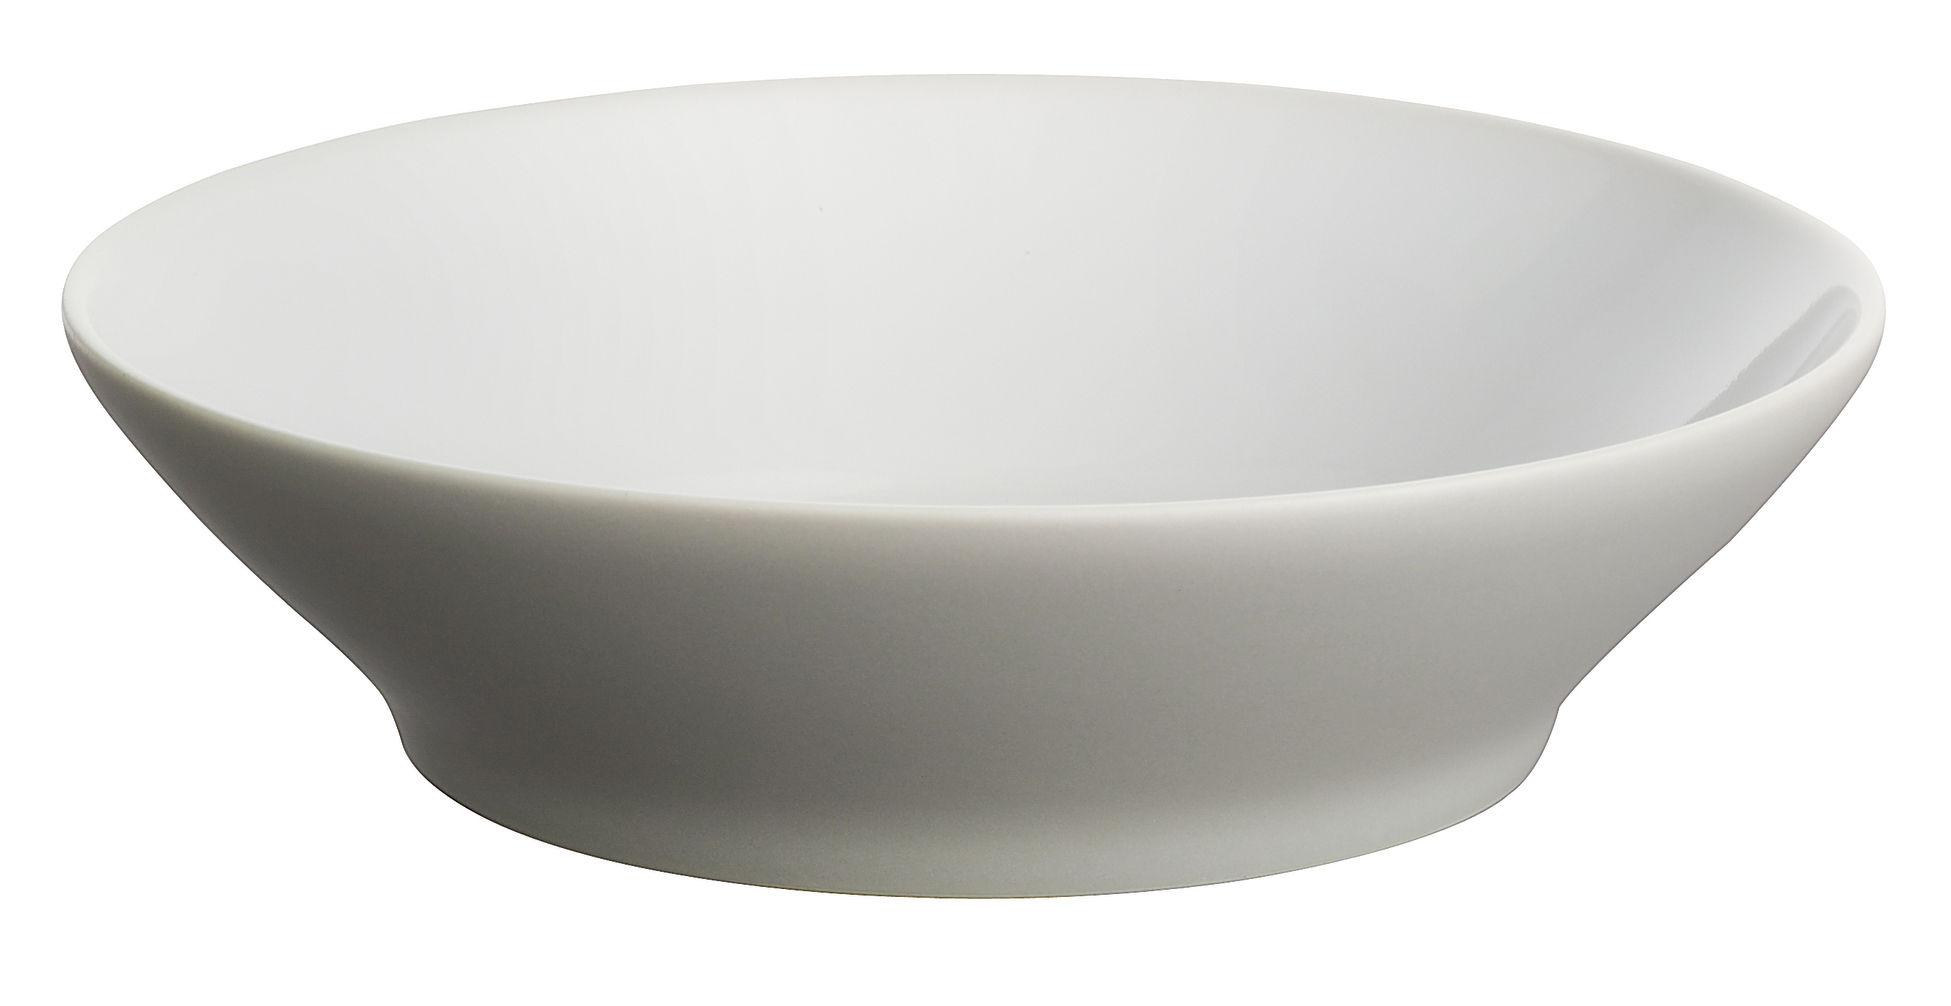 Tischkultur - Teller - Tonale Dessertteller - Alessi - Hellgrau / Innen weiß - Keramik im Steinzeugton